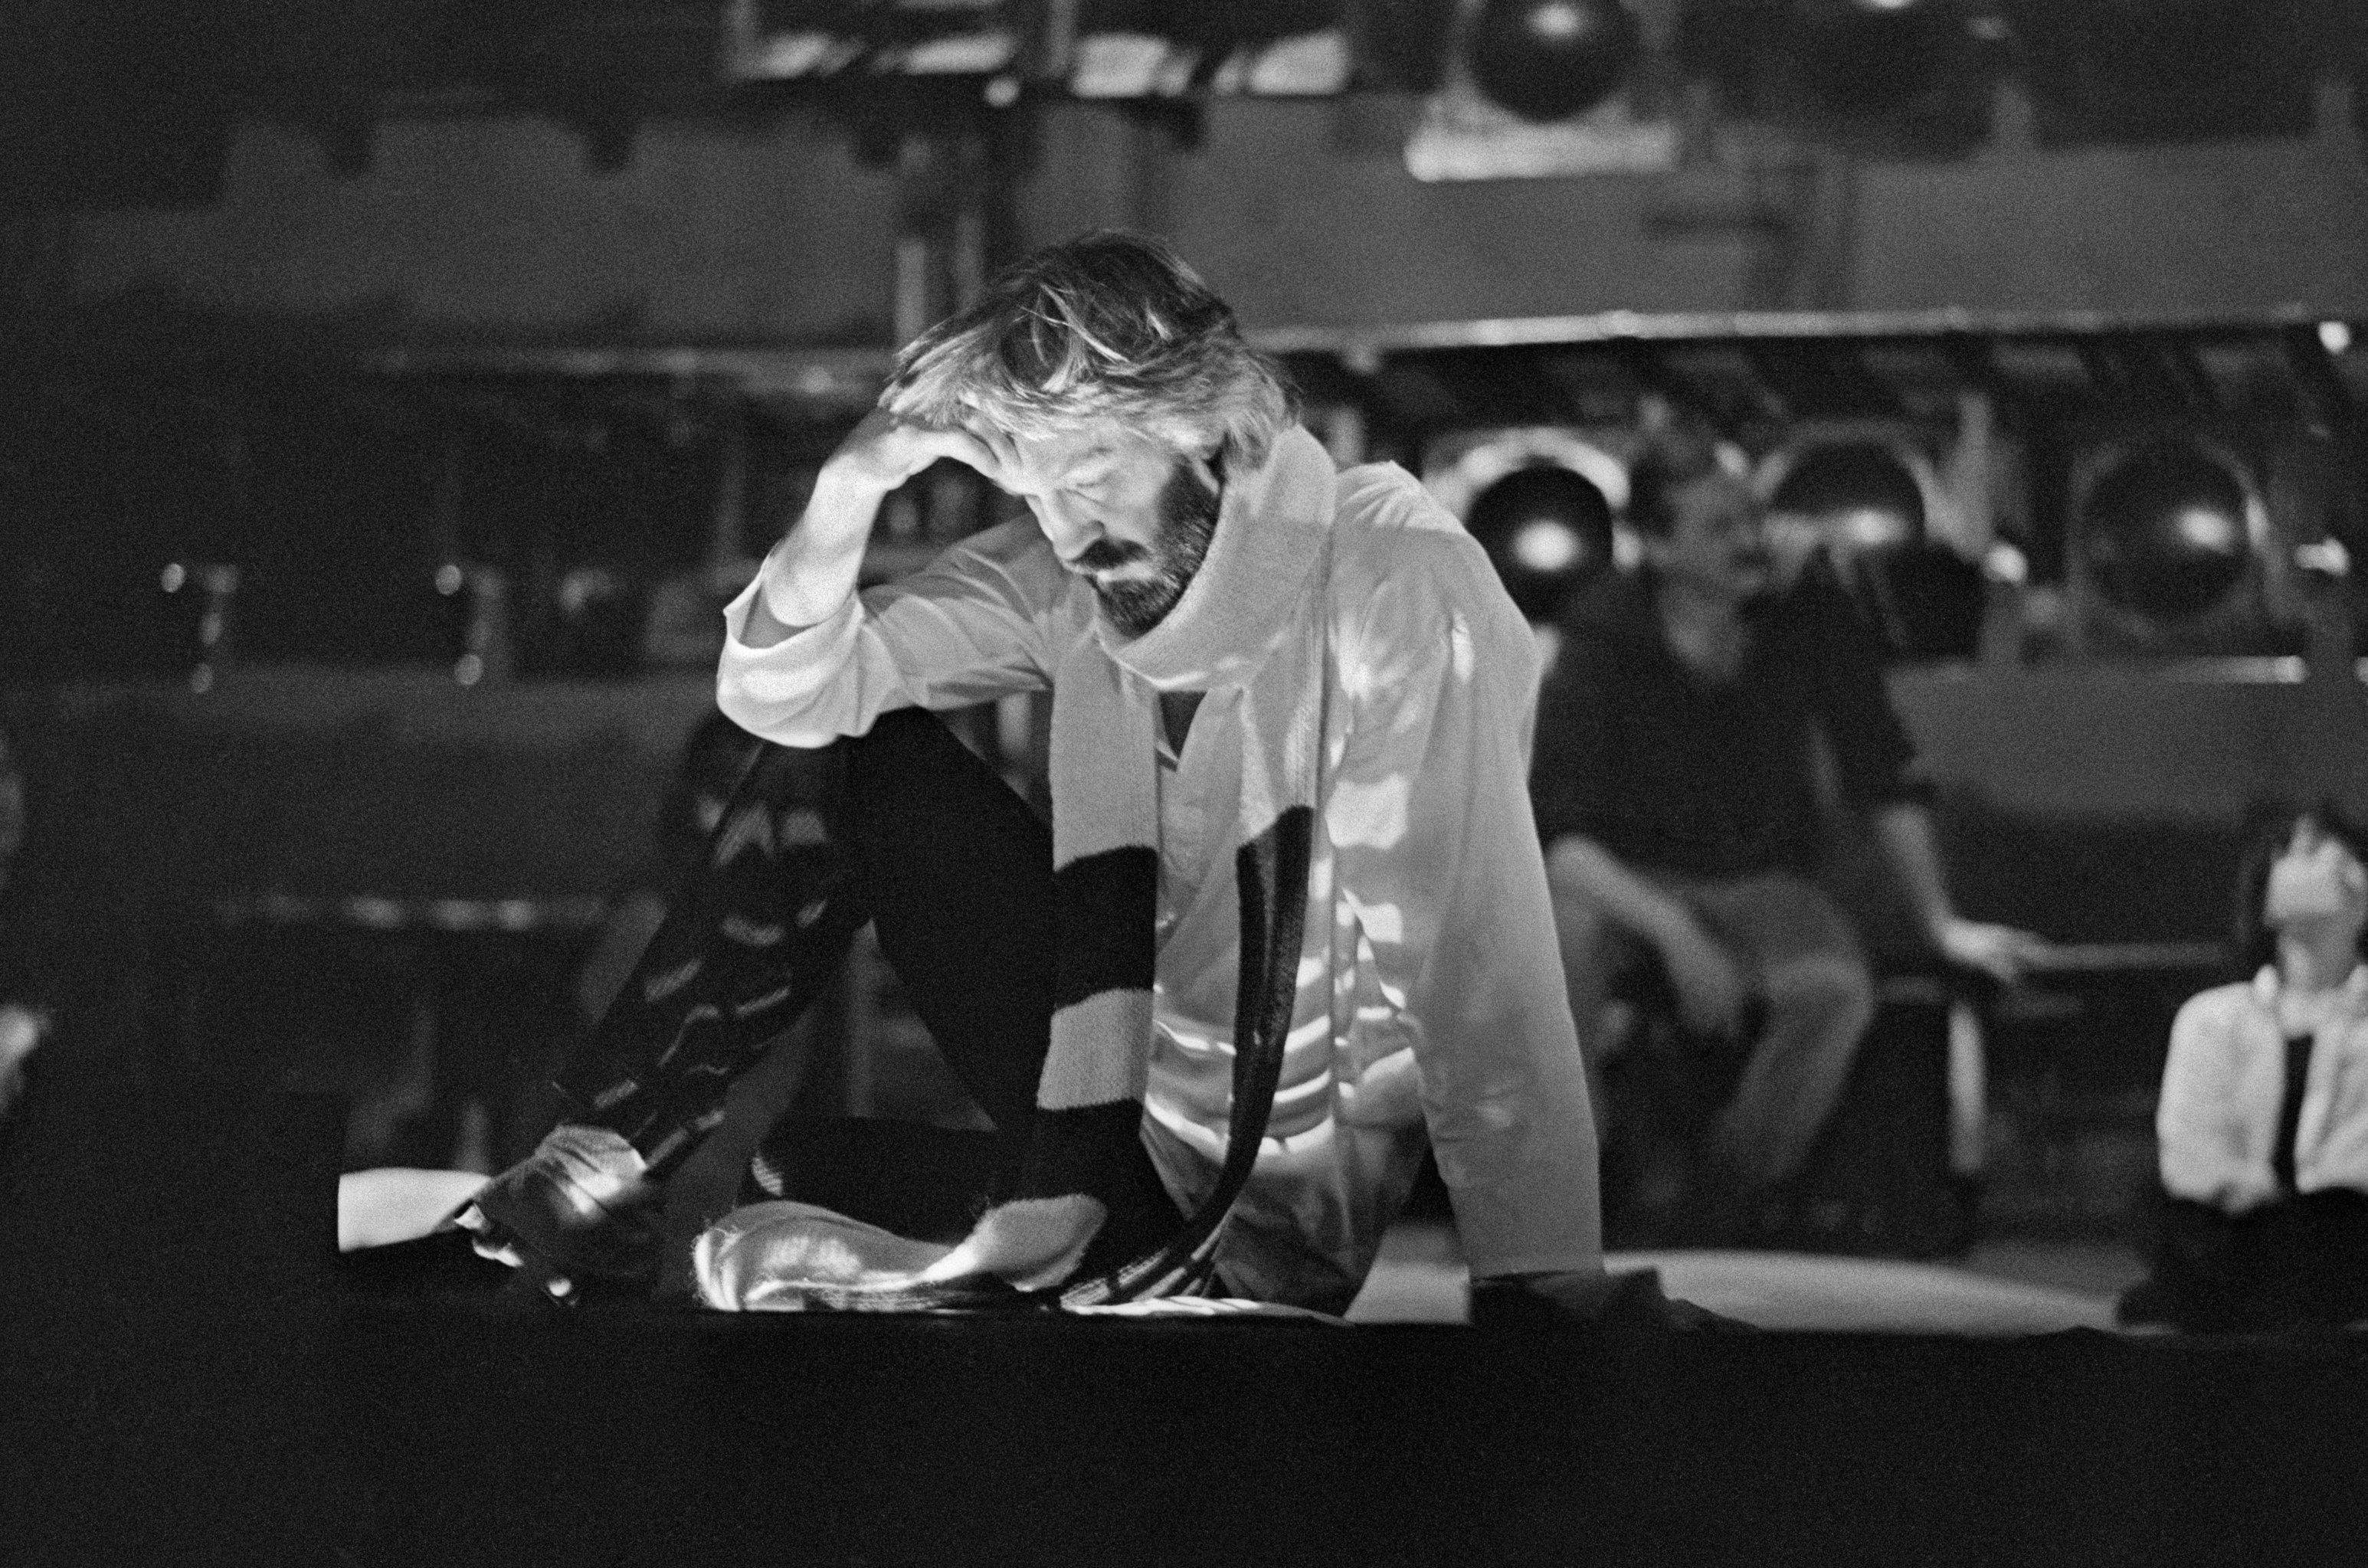 Советский и российский актер кино и Театра драмы и комедии на Таганке, Народный артист России Борис Алексеевич Хмельницкий (1940-2008) во время репетиции спектакля Владимир Высоцкий в Театре на Таганке